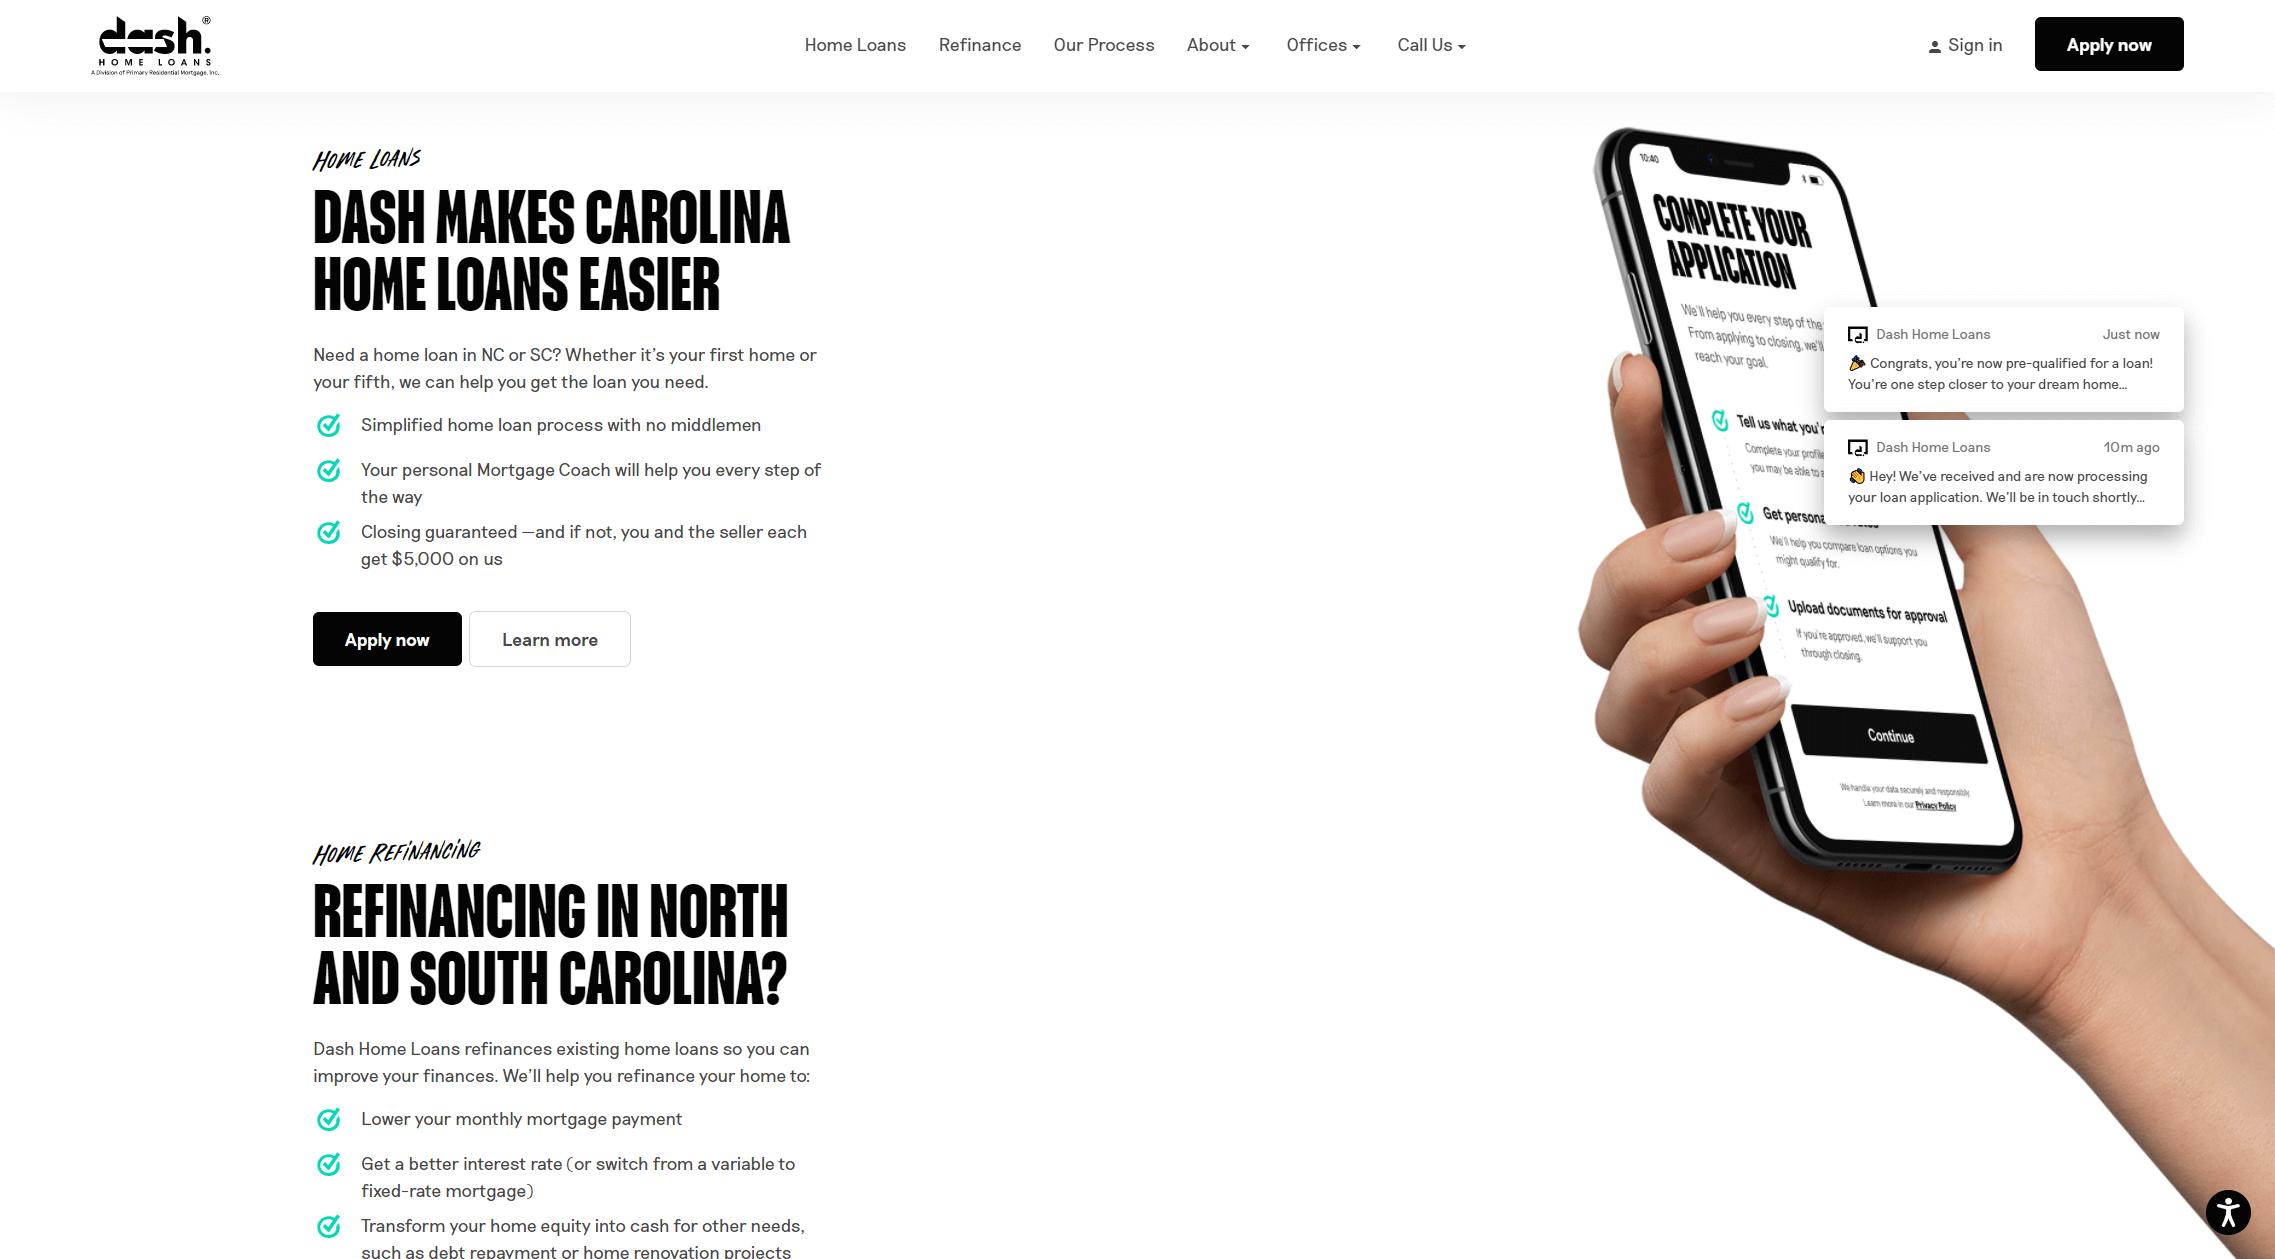 dashhomeloans.com-3